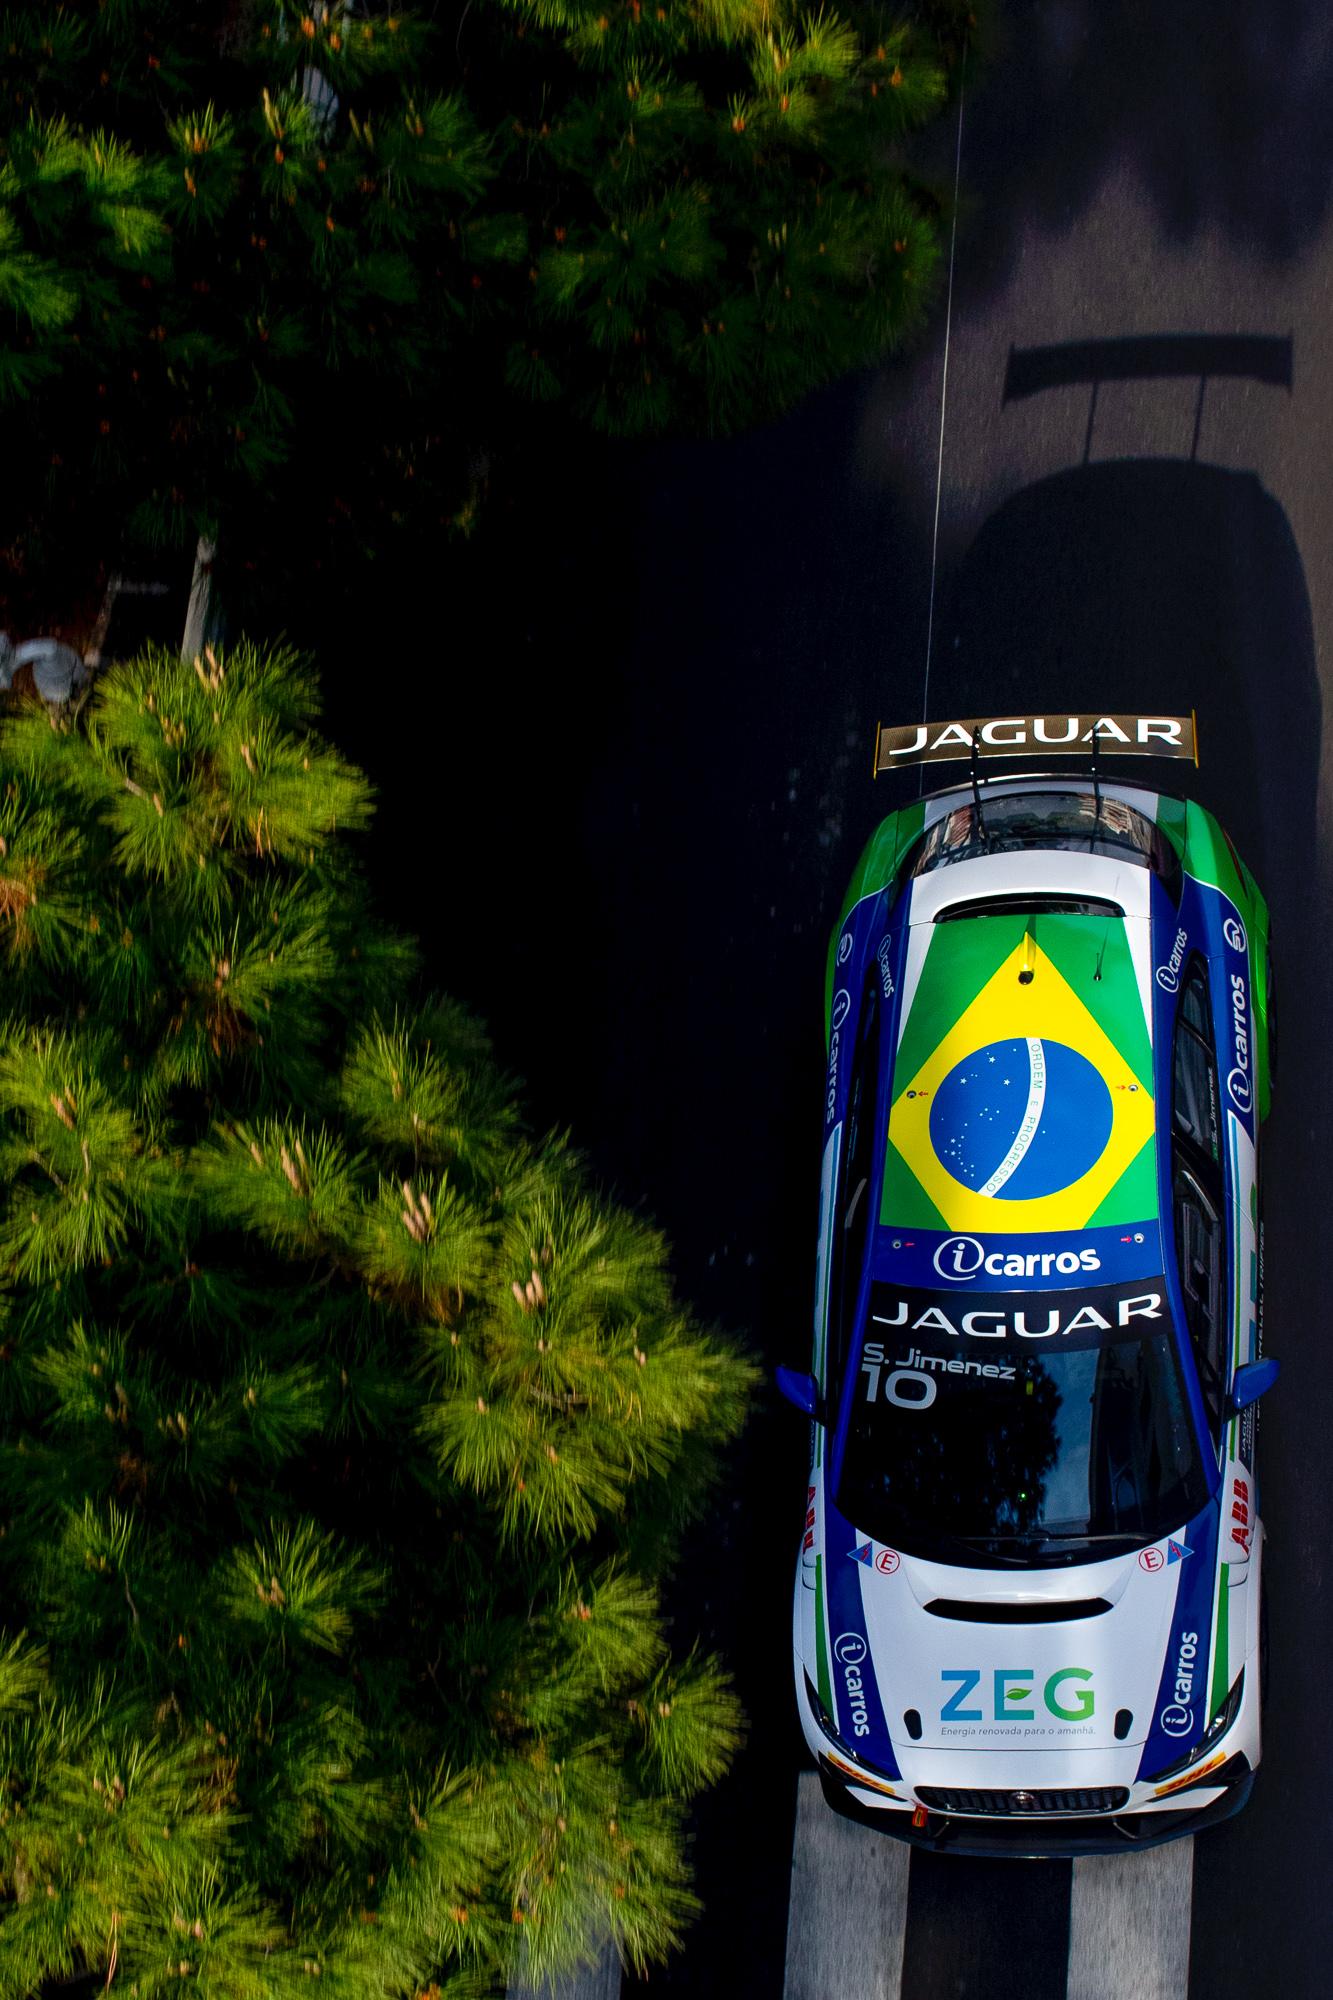 Jaguar_7.Monaco_josemariodias_02038-2